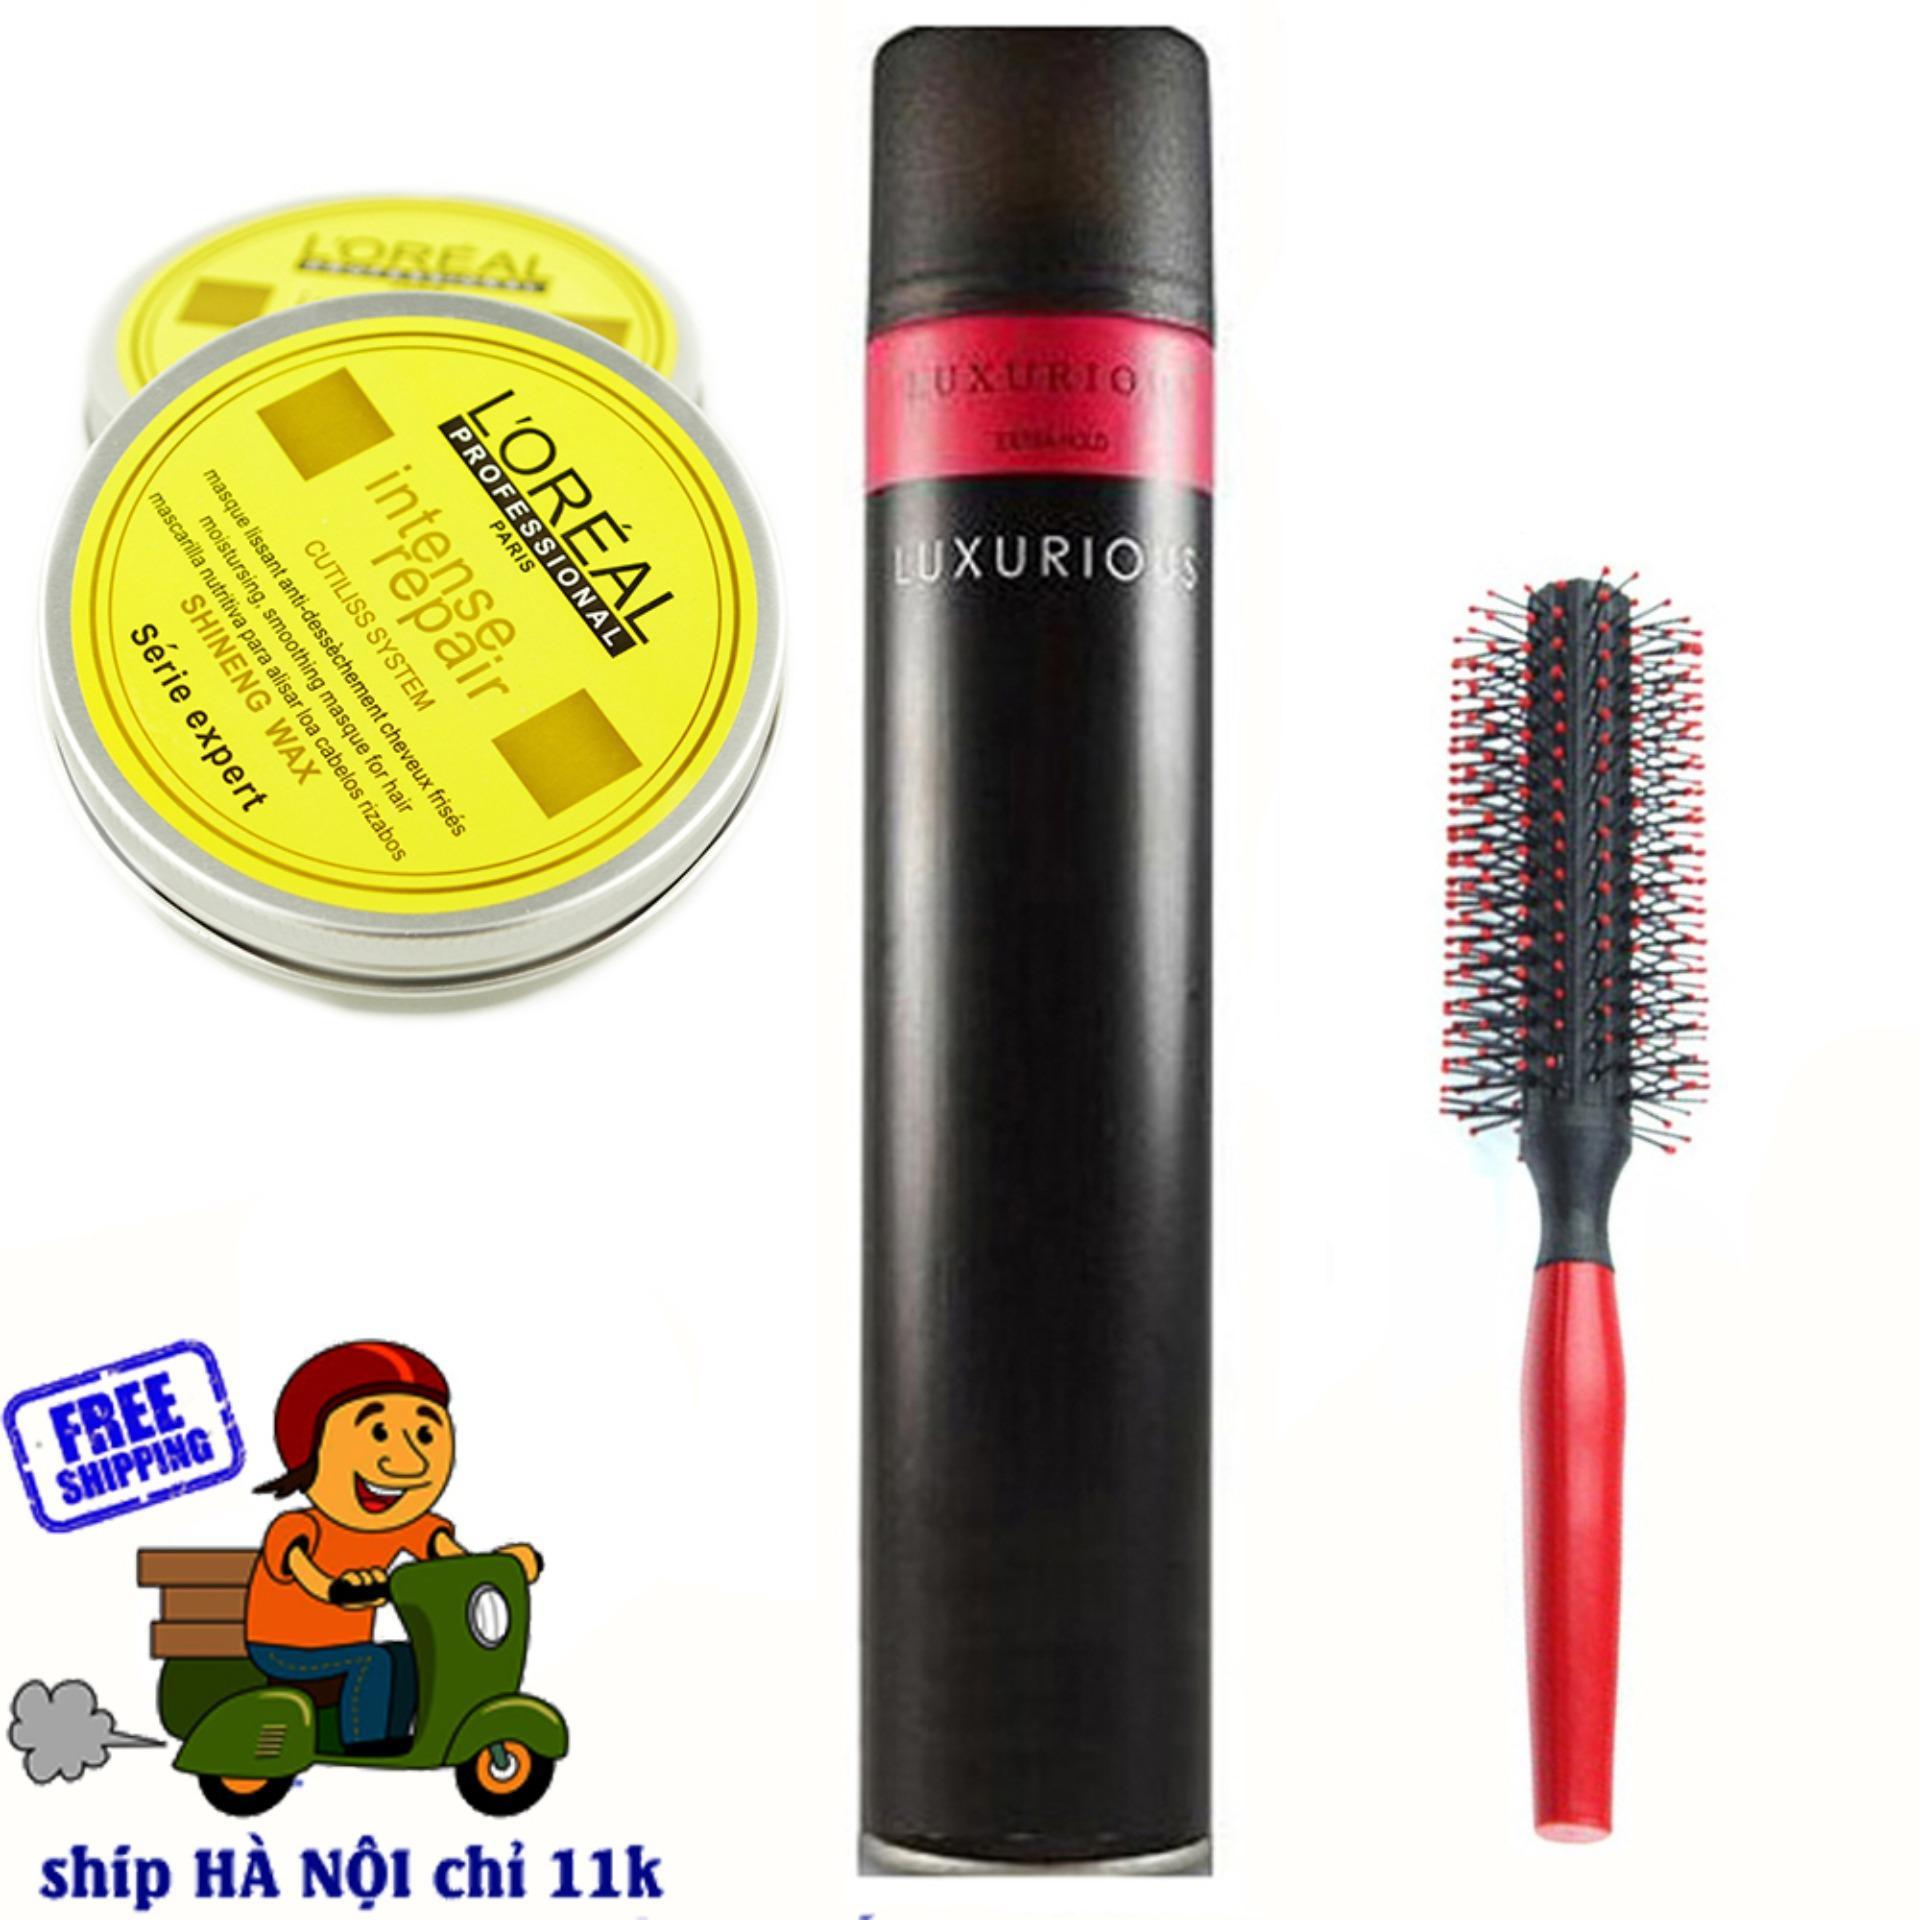 Hình ảnh Combo Gôm luxurious và Sáp + tặng 1 lược tròn tạo kiểu tóc